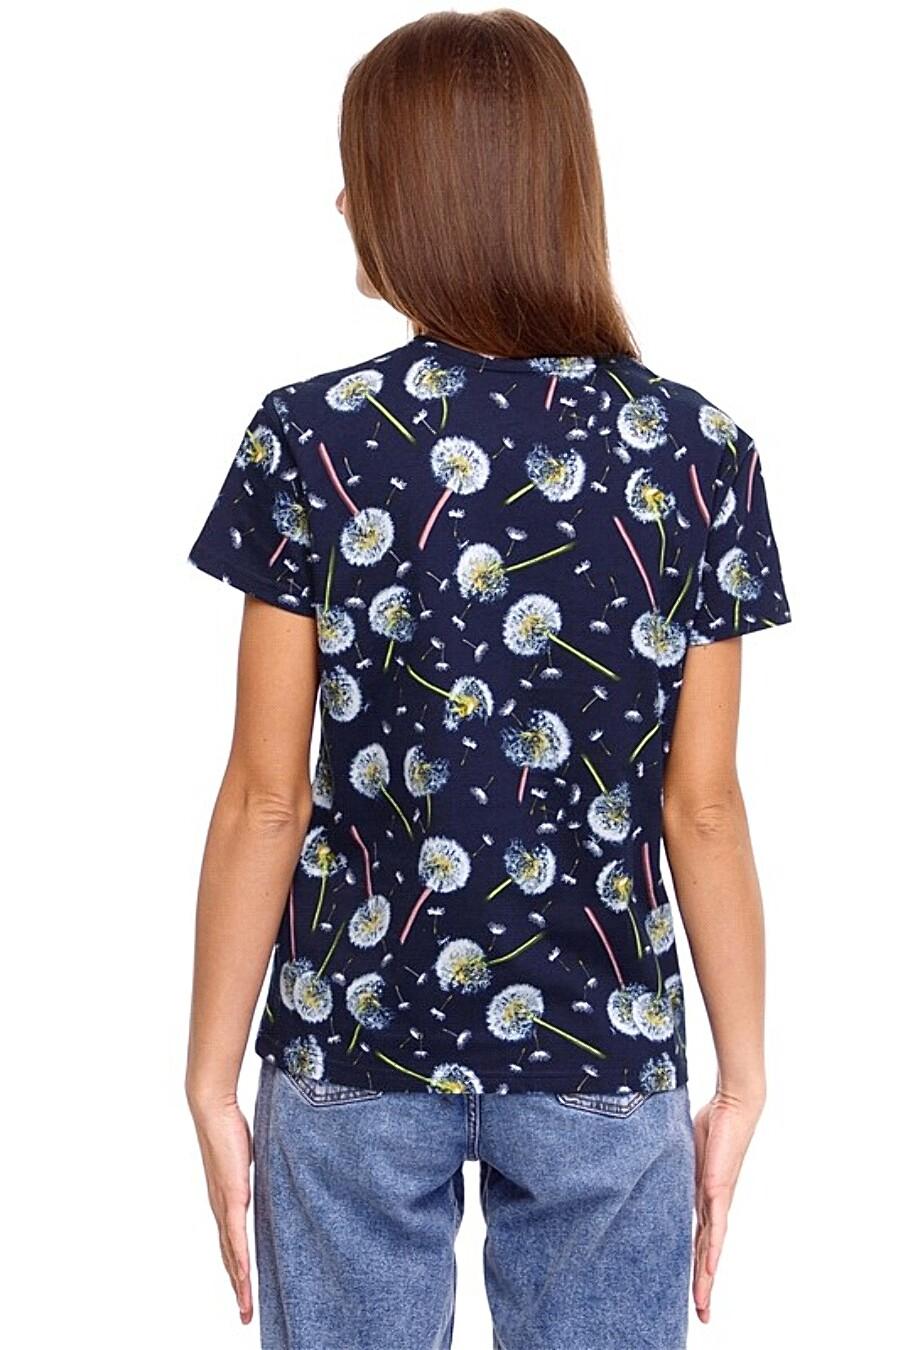 Футболка для женщин АПРЕЛЬ 649104 купить оптом от производителя. Совместная покупка женской одежды в OptMoyo